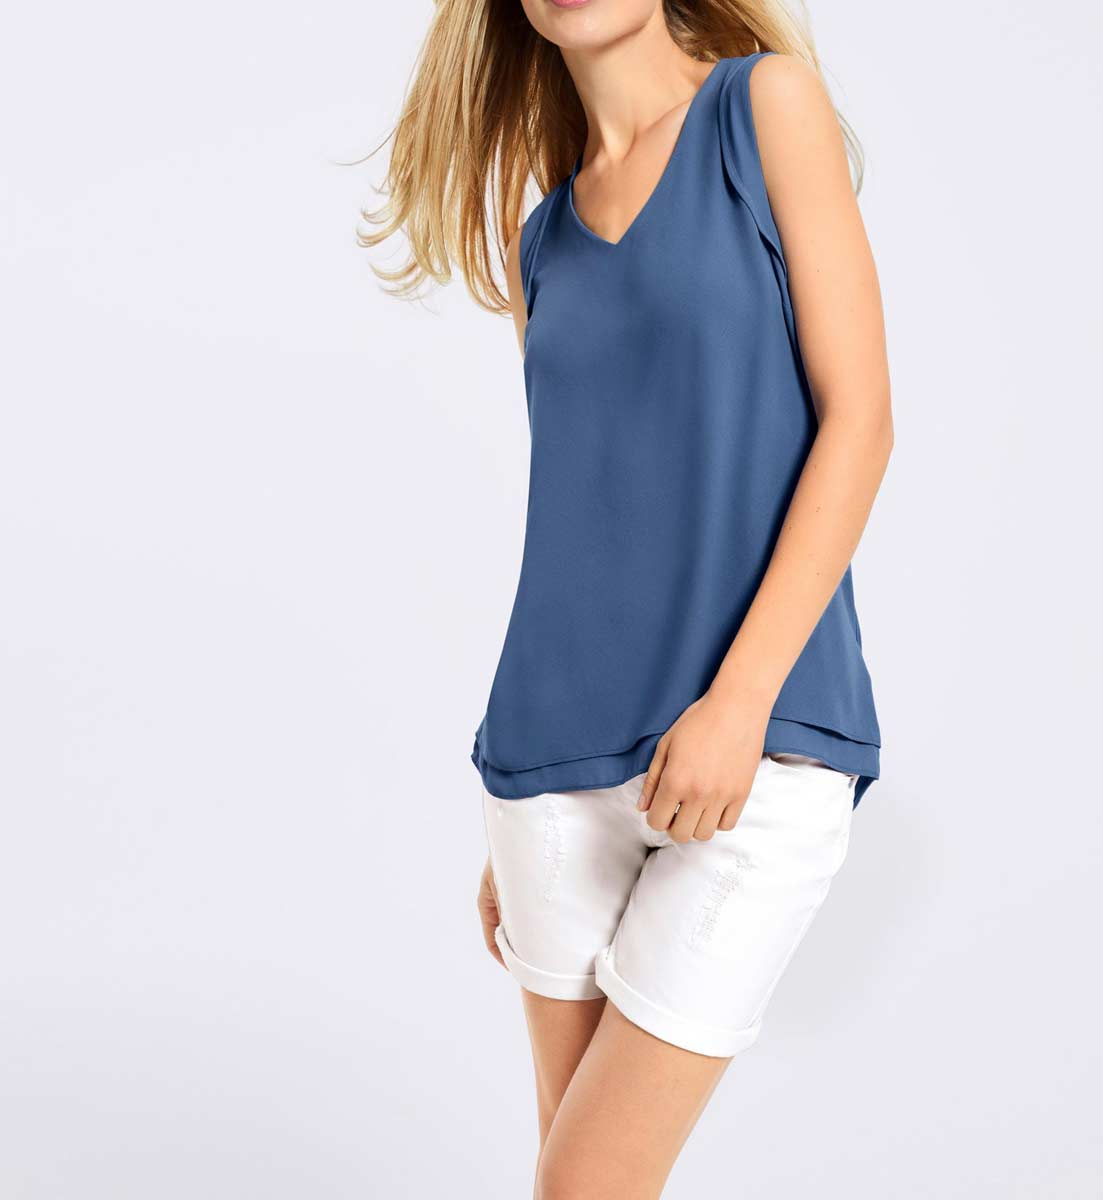 053.849 HEINE Damen Designer-Chiffon-Jersey-Blusenshirt Jeansblau